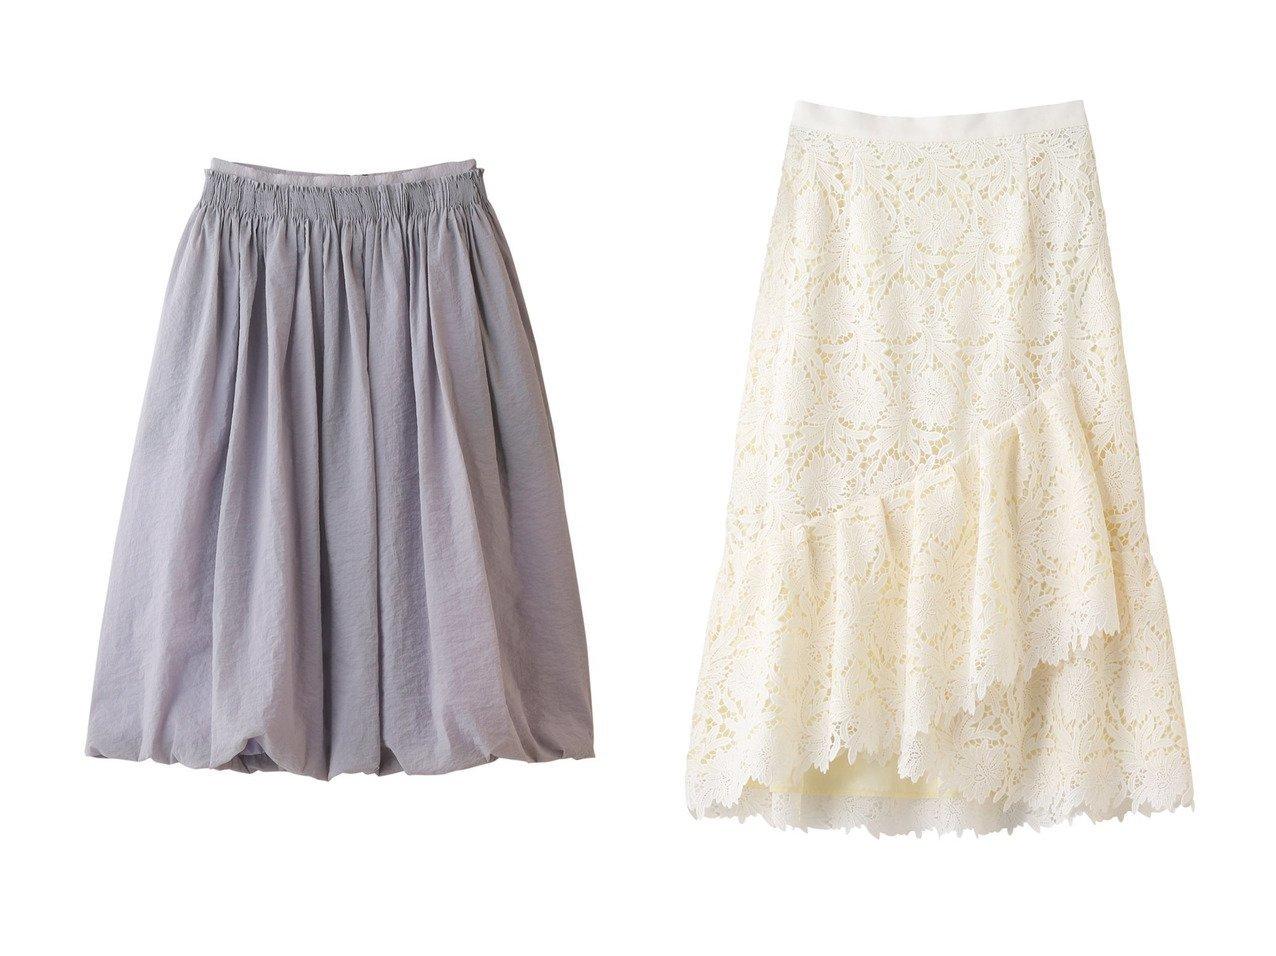 【LANVIN en Bleu/ランバン オン ブルー】のシアータックスカート&ケミカルレースティアードスカート 【スカート】おすすめ!人気、トレンド・レディースファッションの通販   おすすめで人気の流行・トレンド、ファッションの通販商品 インテリア・家具・メンズファッション・キッズファッション・レディースファッション・服の通販 founy(ファニー) https://founy.com/ ファッション Fashion レディースファッション WOMEN スカート Skirt ロングスカート Long Skirt ティアードスカート Tiered Skirts 2020年 2020 2020-2021秋冬・A/W AW・Autumn/Winter・FW・Fall-Winter/2020-2021 2021年 2021 2021-2022秋冬・A/W AW・Autumn/Winter・FW・Fall-Winter・2021-2022 A/W・秋冬 AW・Autumn/Winter・FW・Fall-Winter ジップ バルーン ロング おすすめ Recommend アシンメトリー シアー セットアップ パーティ フラワー ブルゾン レース  ID:crp329100000064813